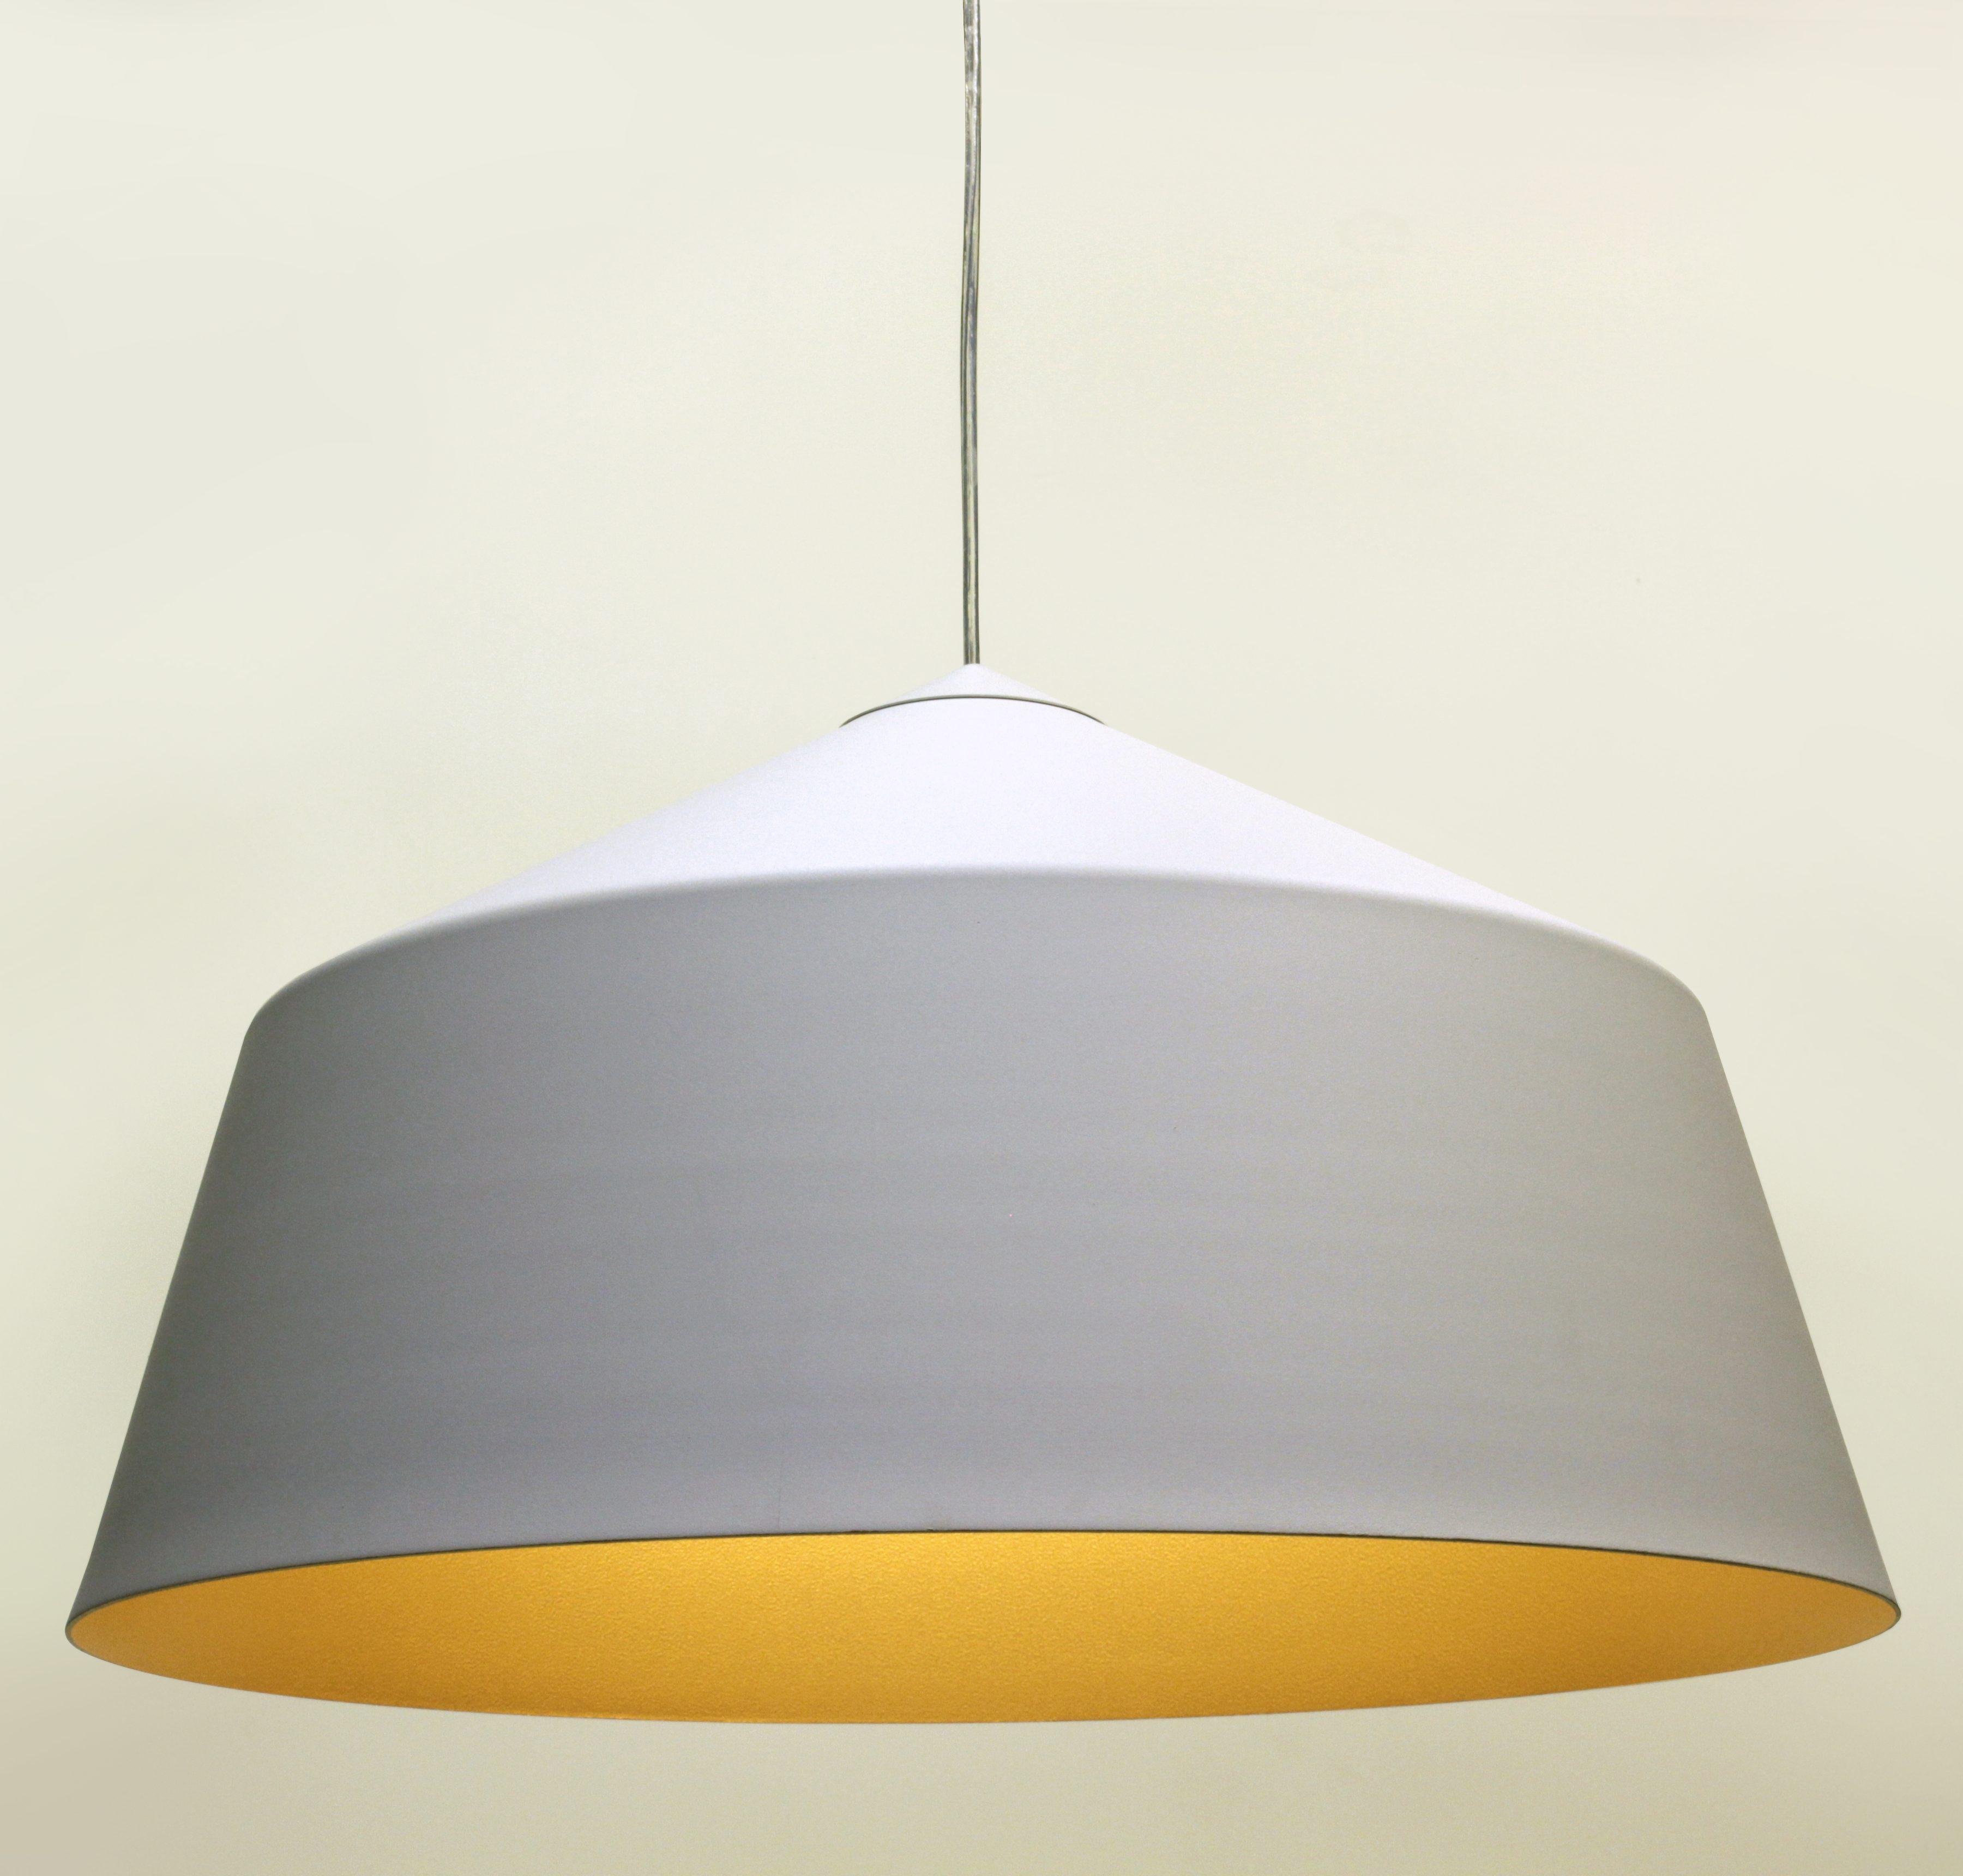 suspension circus large blanc 56cm innermost luminaires nedgis. Black Bedroom Furniture Sets. Home Design Ideas